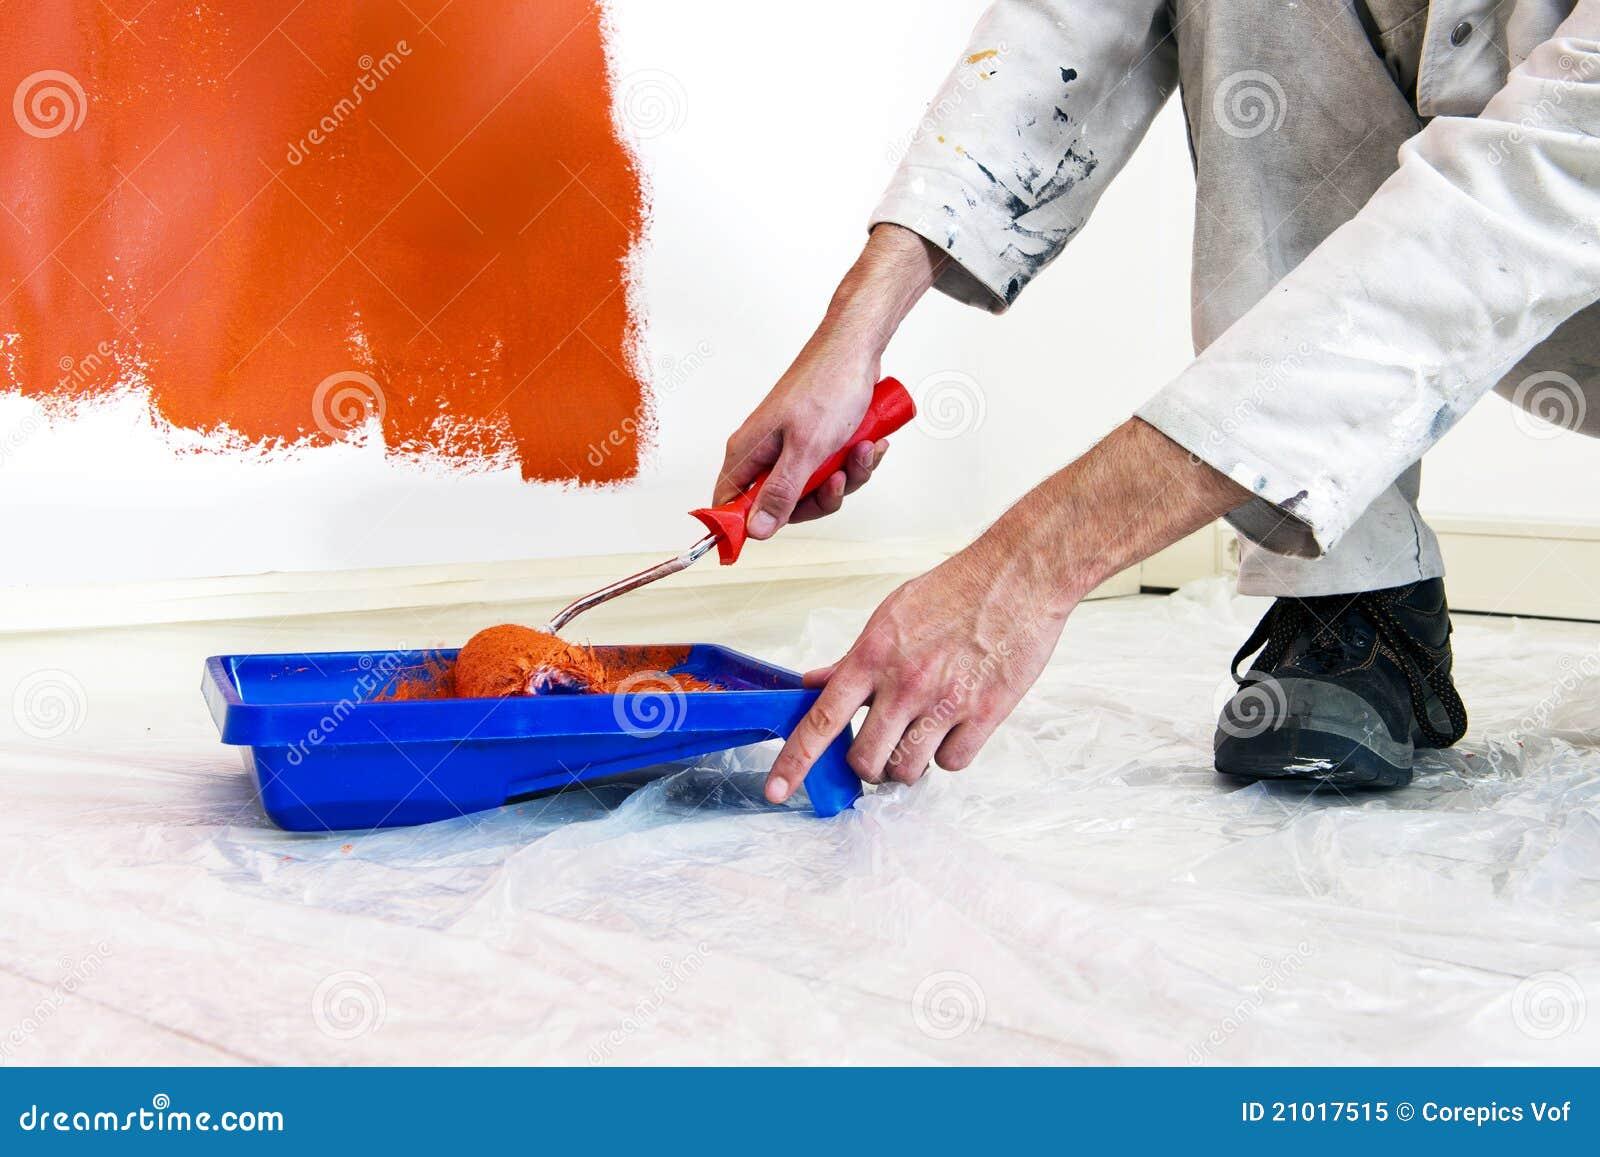 Maler bei der arbeit  Maler Bei Der Arbeit Lizenzfreies Stockfoto - Bild: 21017515